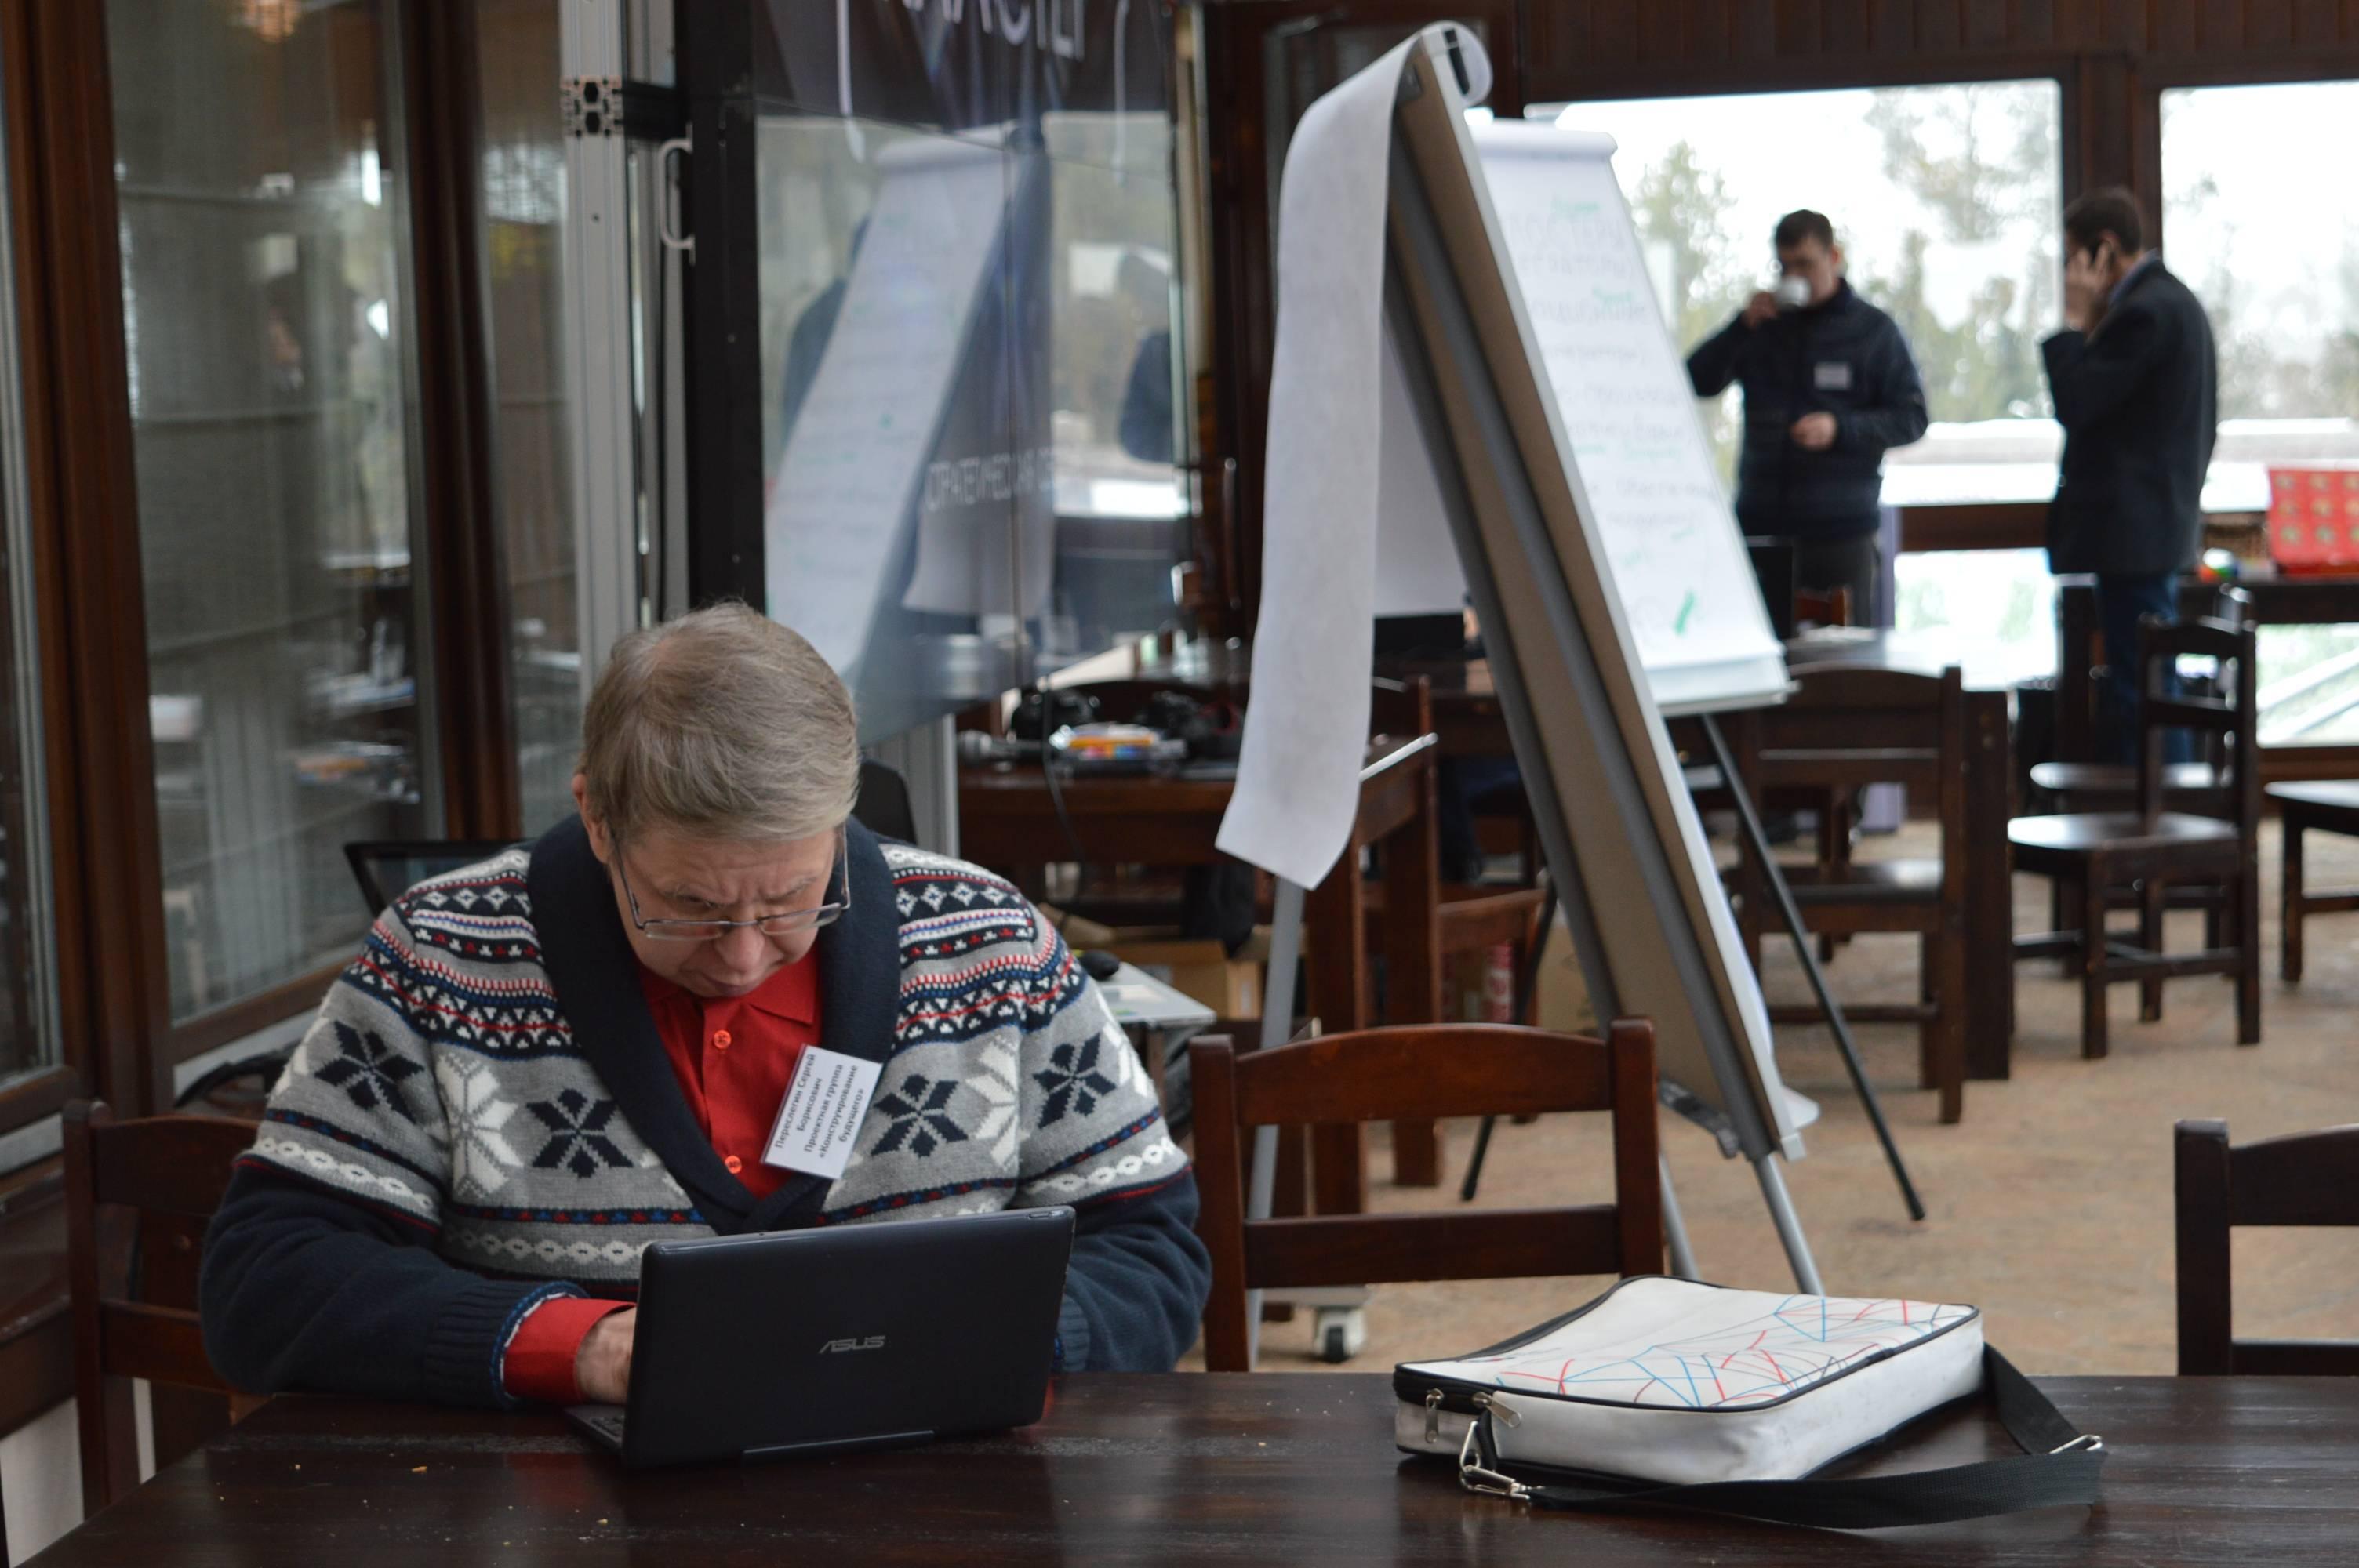 Пока инициаторы создания кластера вместе с футурологом Сергеем Переслегиным думали над тем, как «въехать» с кластерной идеей в будущее, суд разбирал заявление налоговой службы о банкротстве вновь созданной структуры. Фото: ckr18.ru